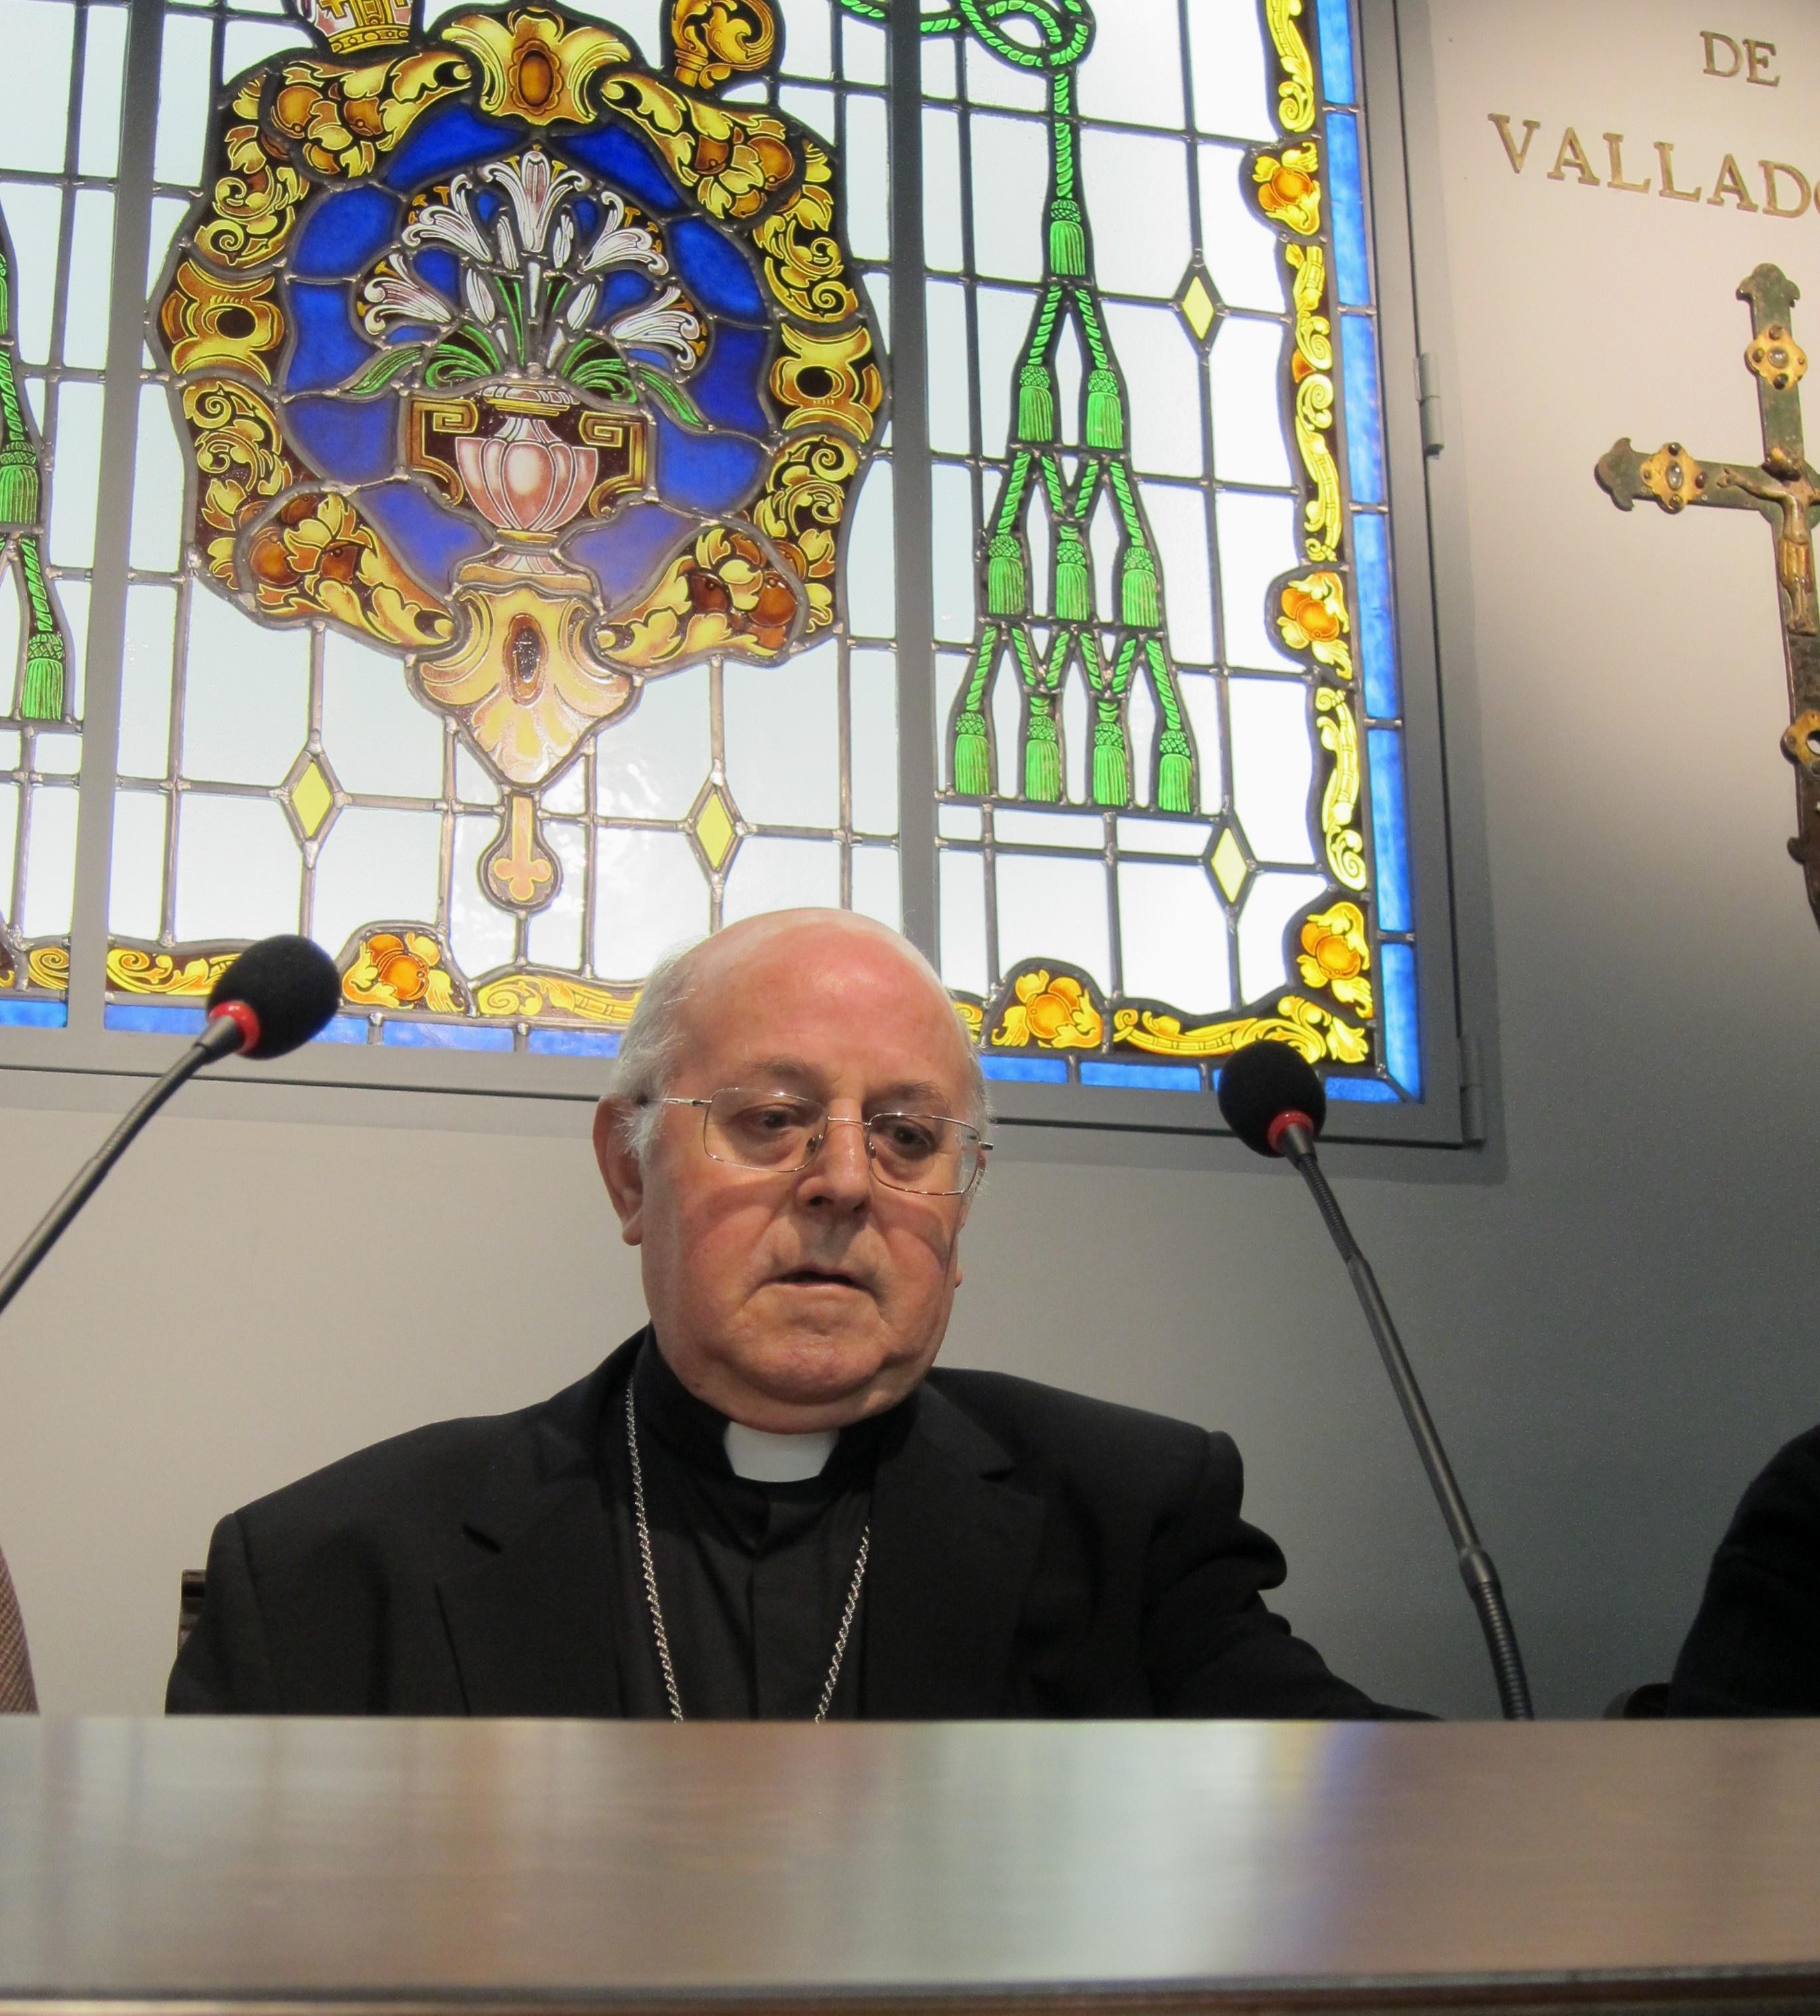 Arzobispo de Valladolid celebra 25 años de servicio episcopal con un libro que presentará el jueve en Comillas